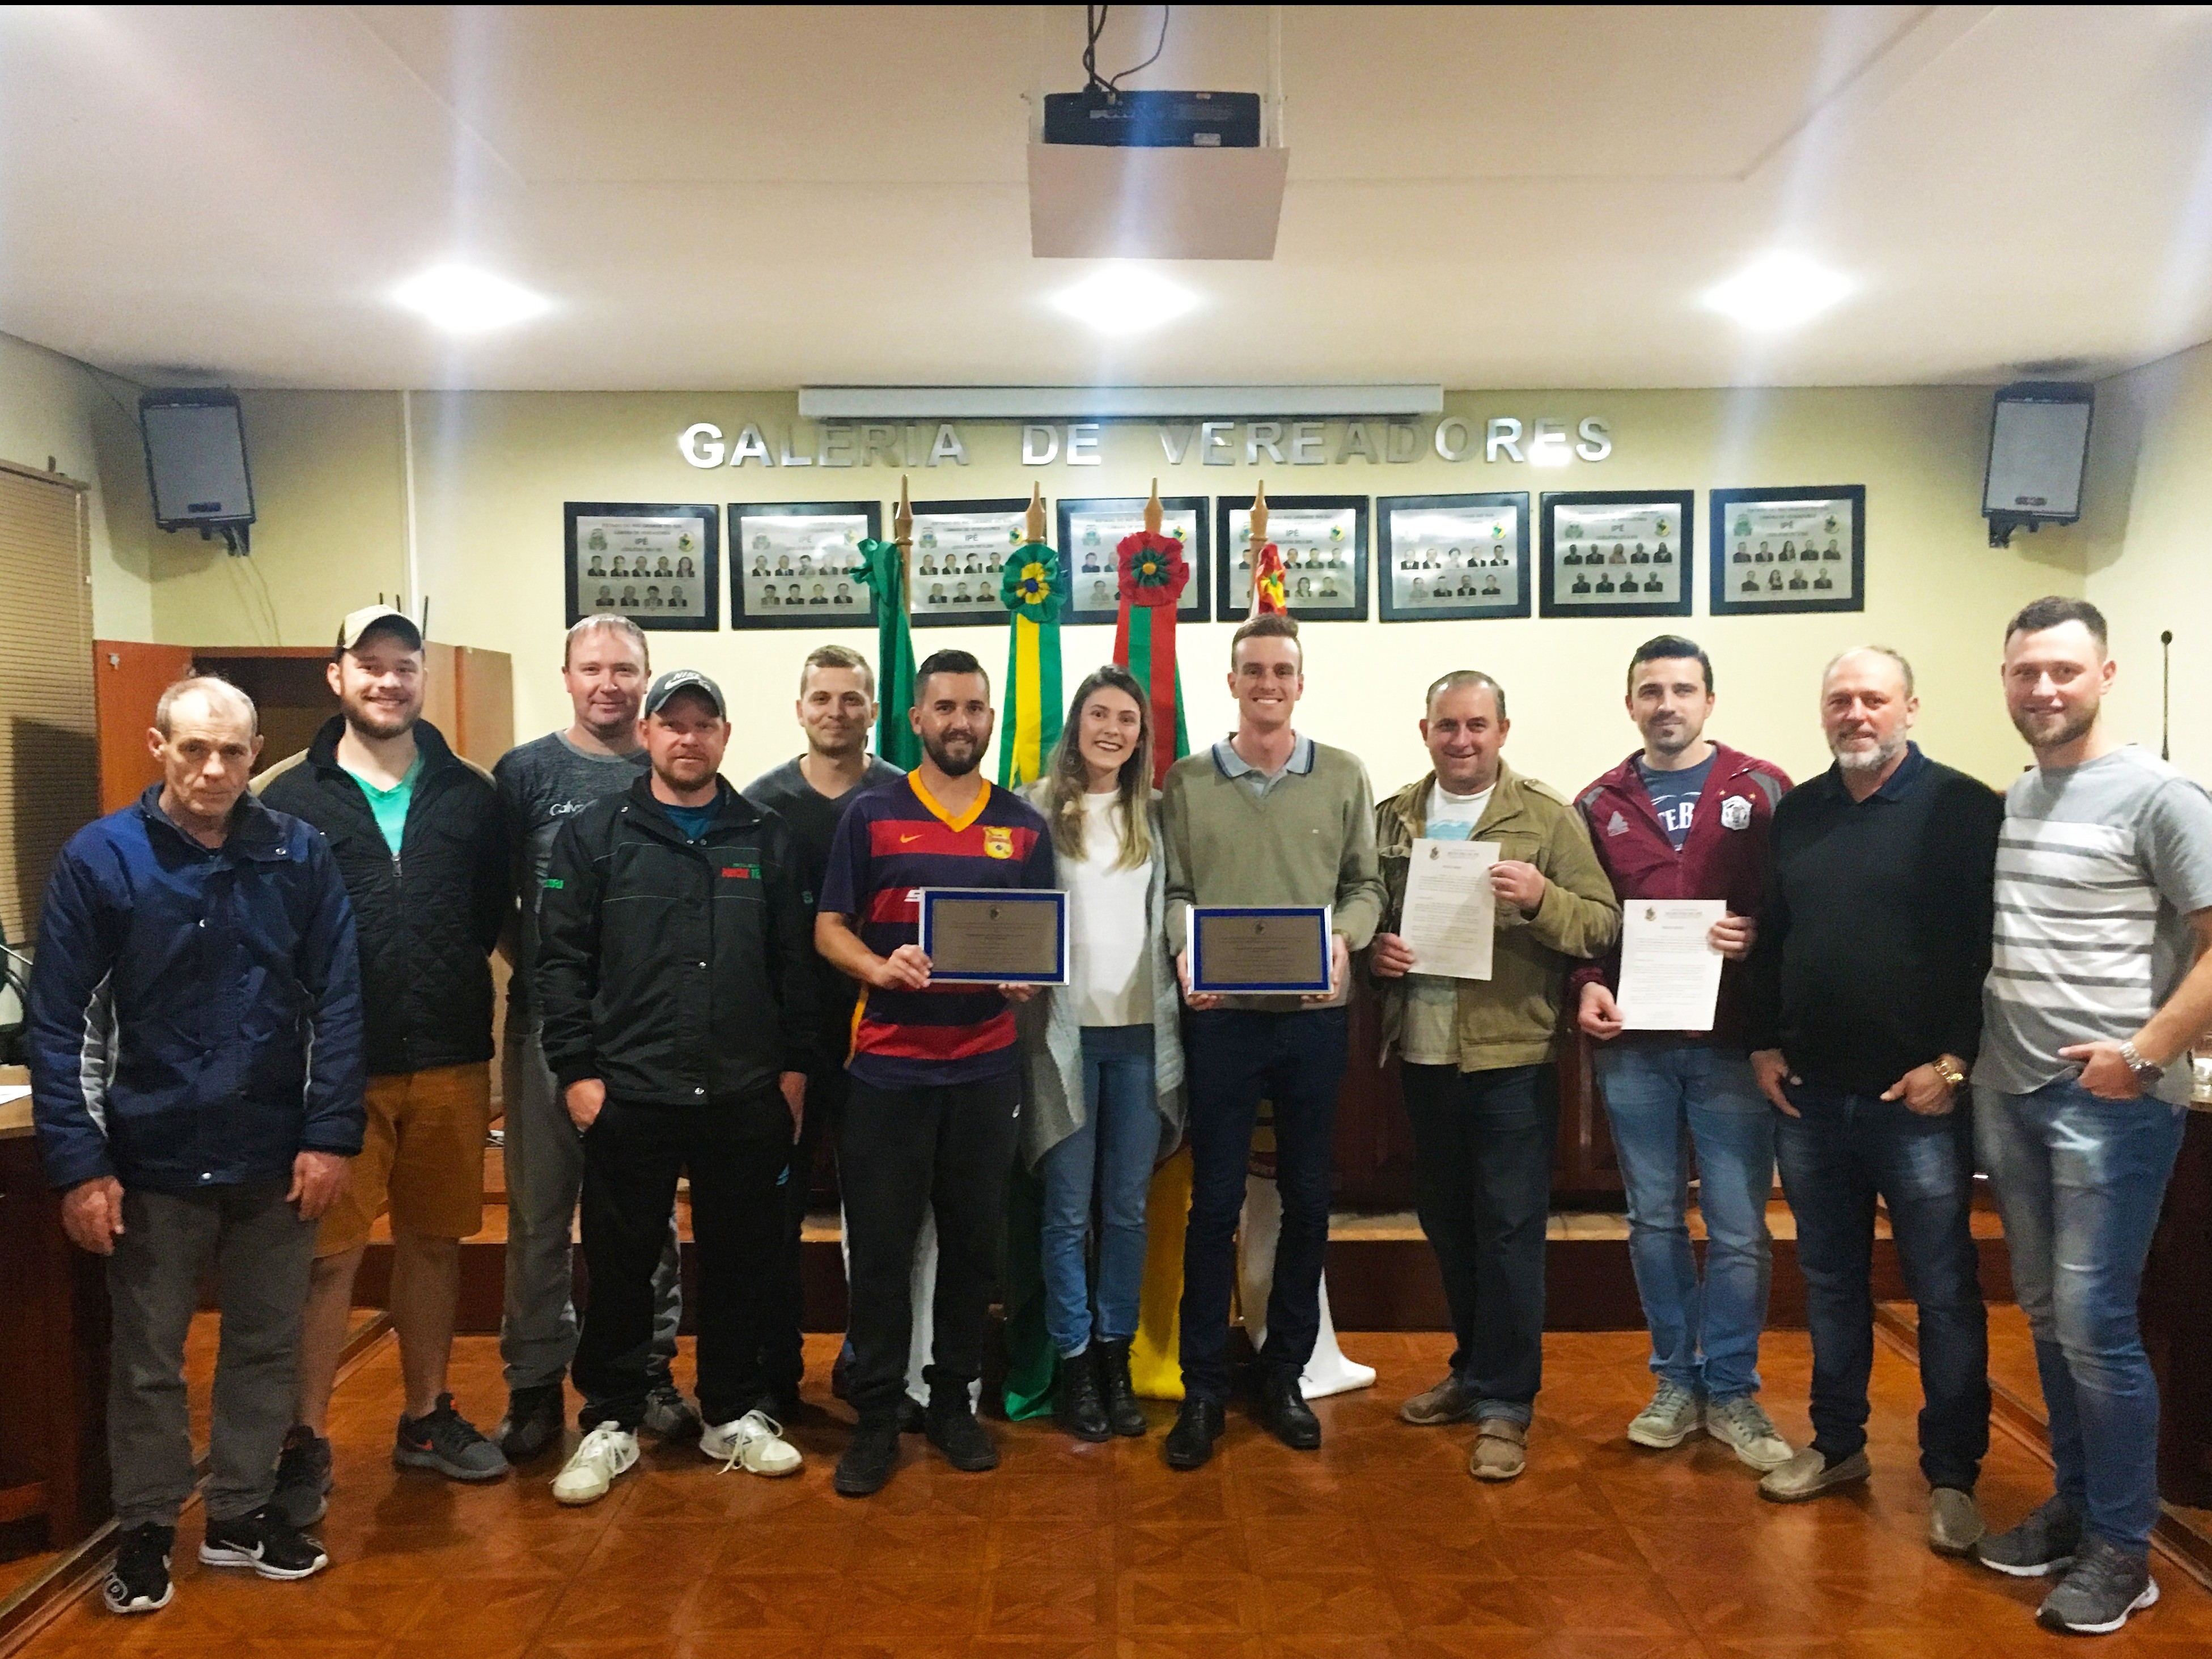 Foto de capa da notícia: Vereadora Gislaine Ziliotto entrega placas de homenagem aos times campeões do Município de Ipê